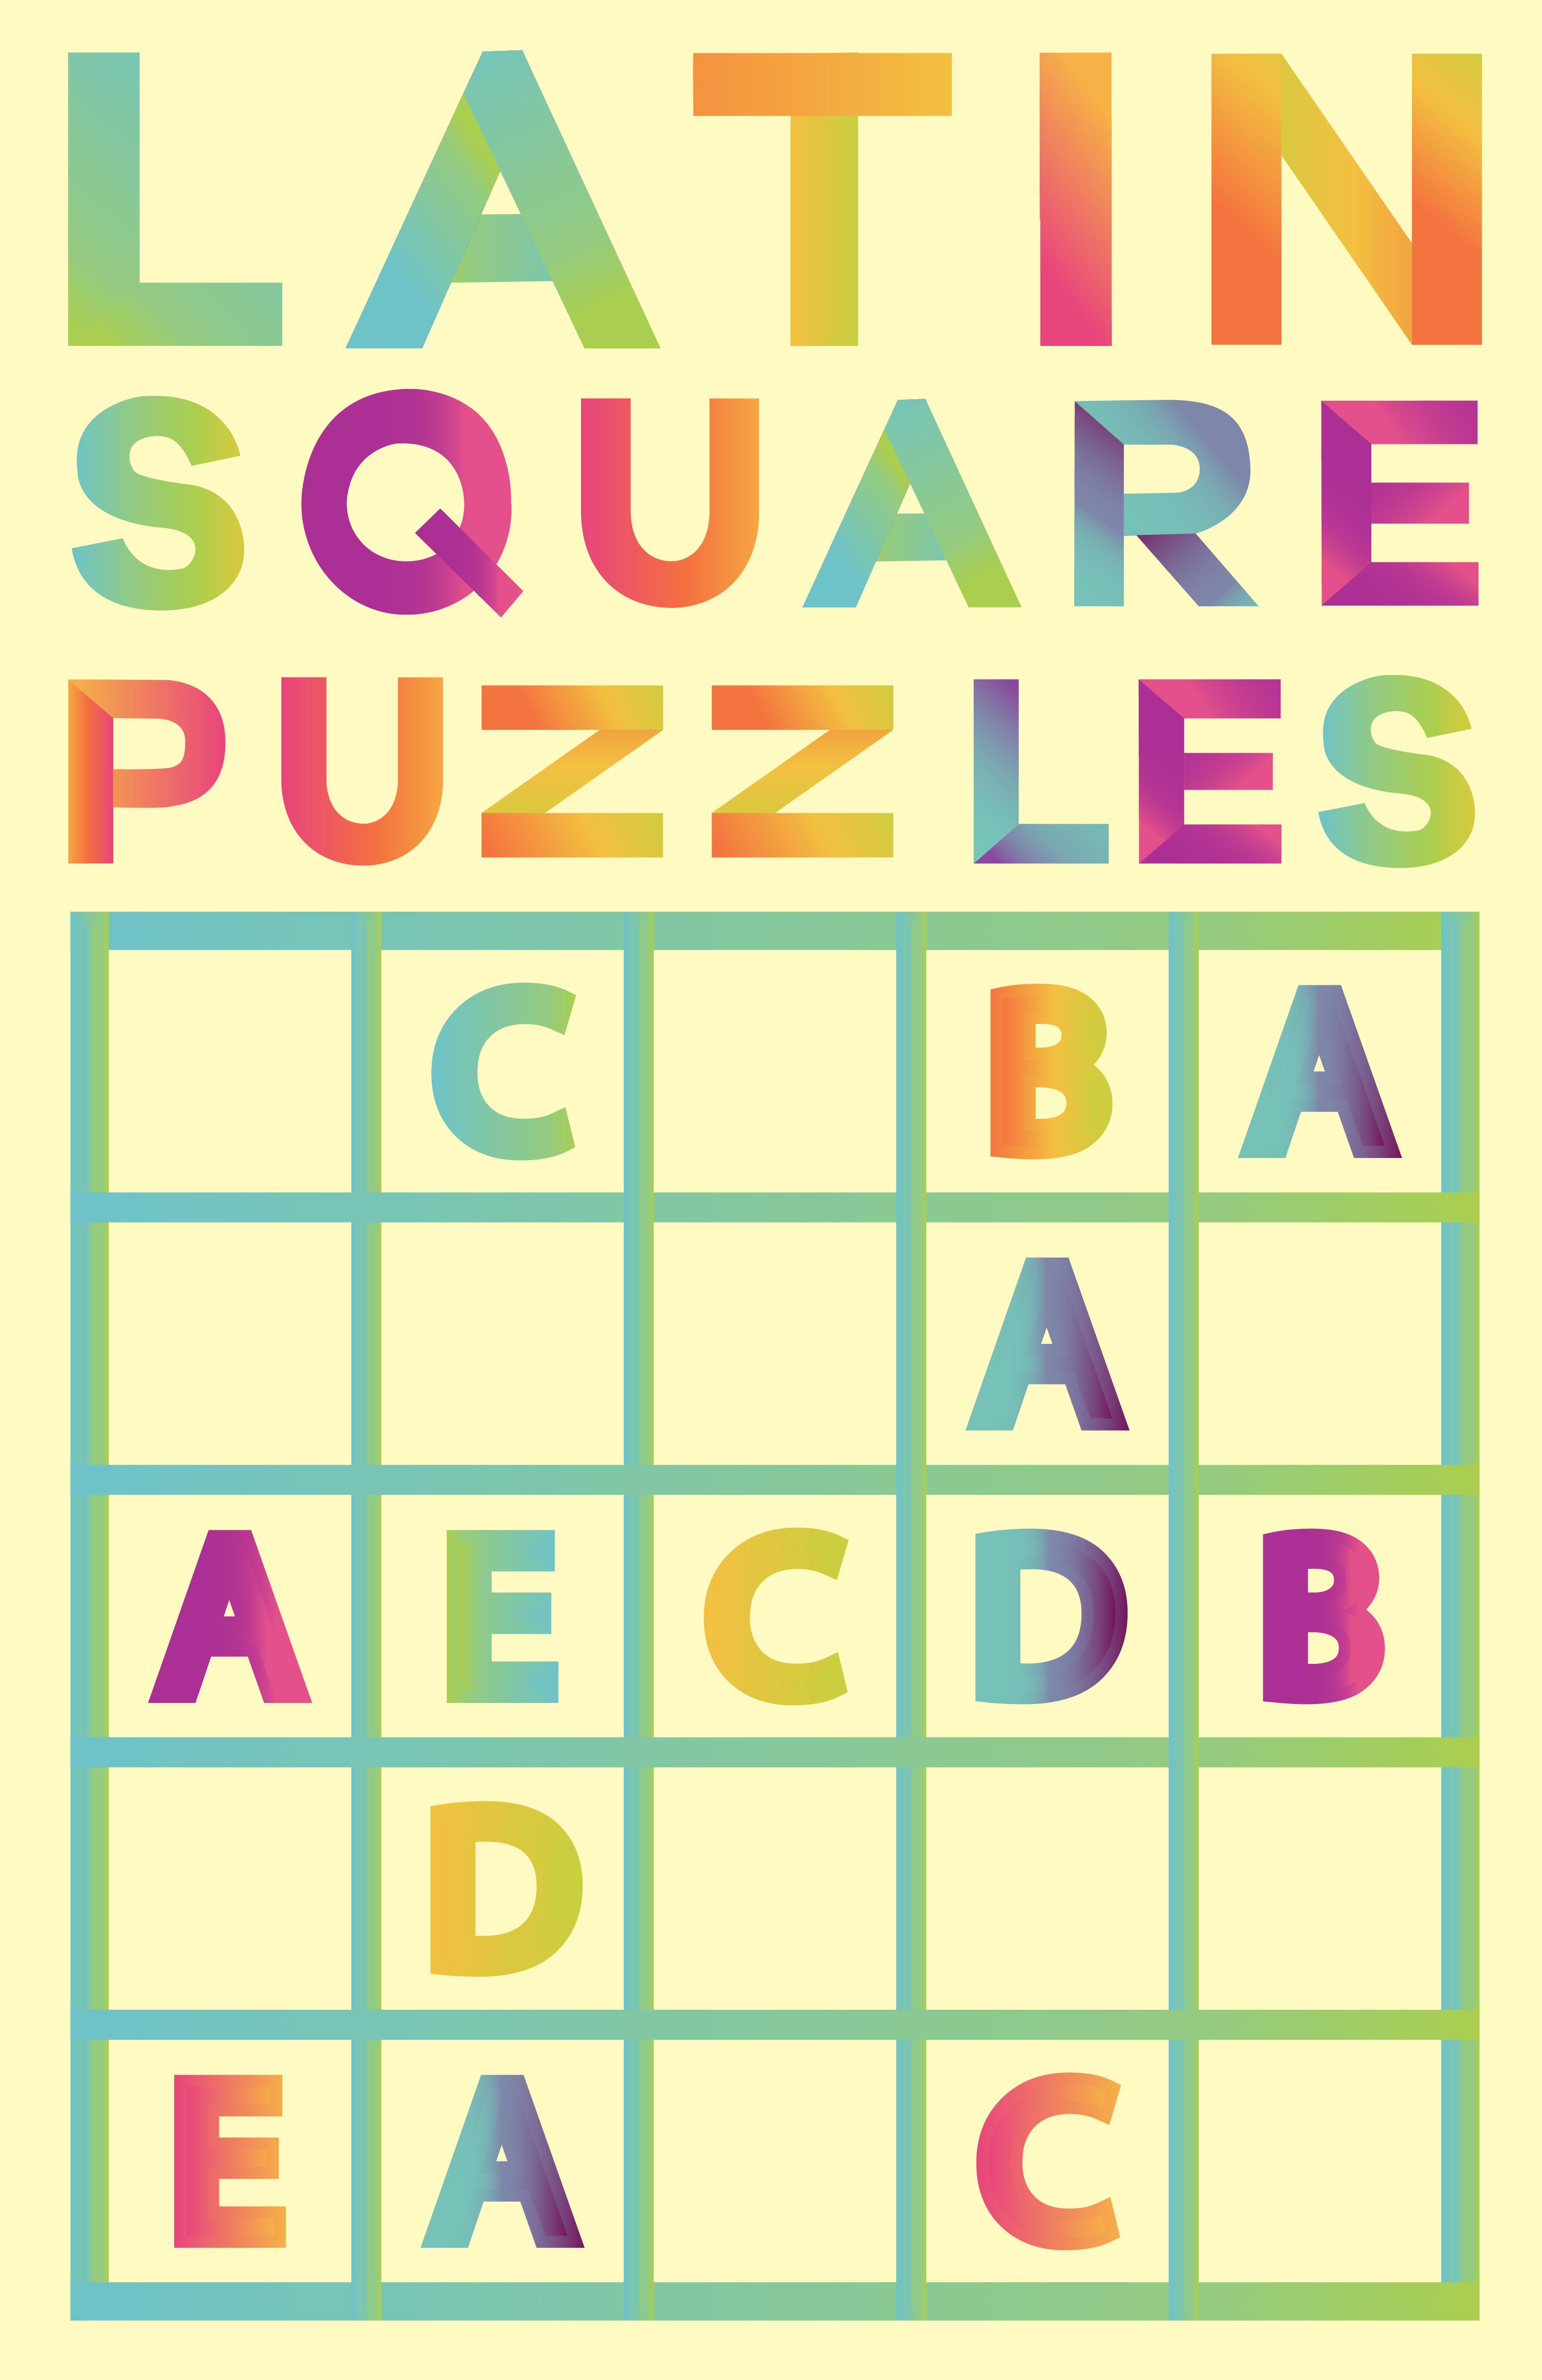 Latin Square Puzzles Puzzle books, Latin, Puzzles